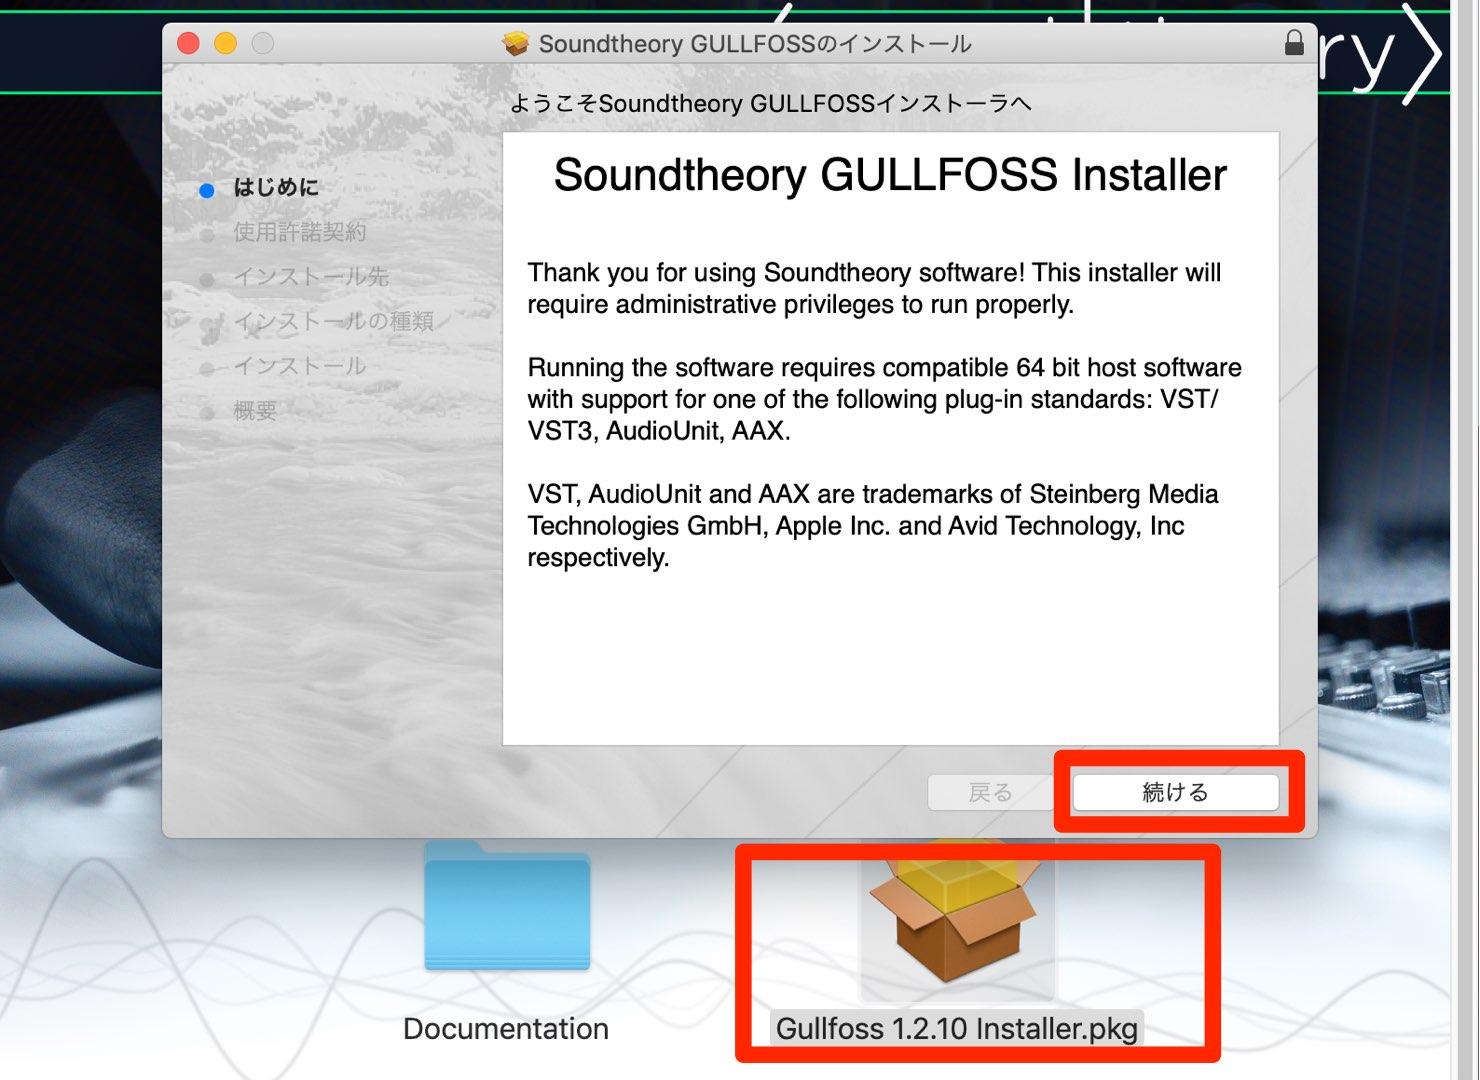 Soundtheory-Gullfoss-install